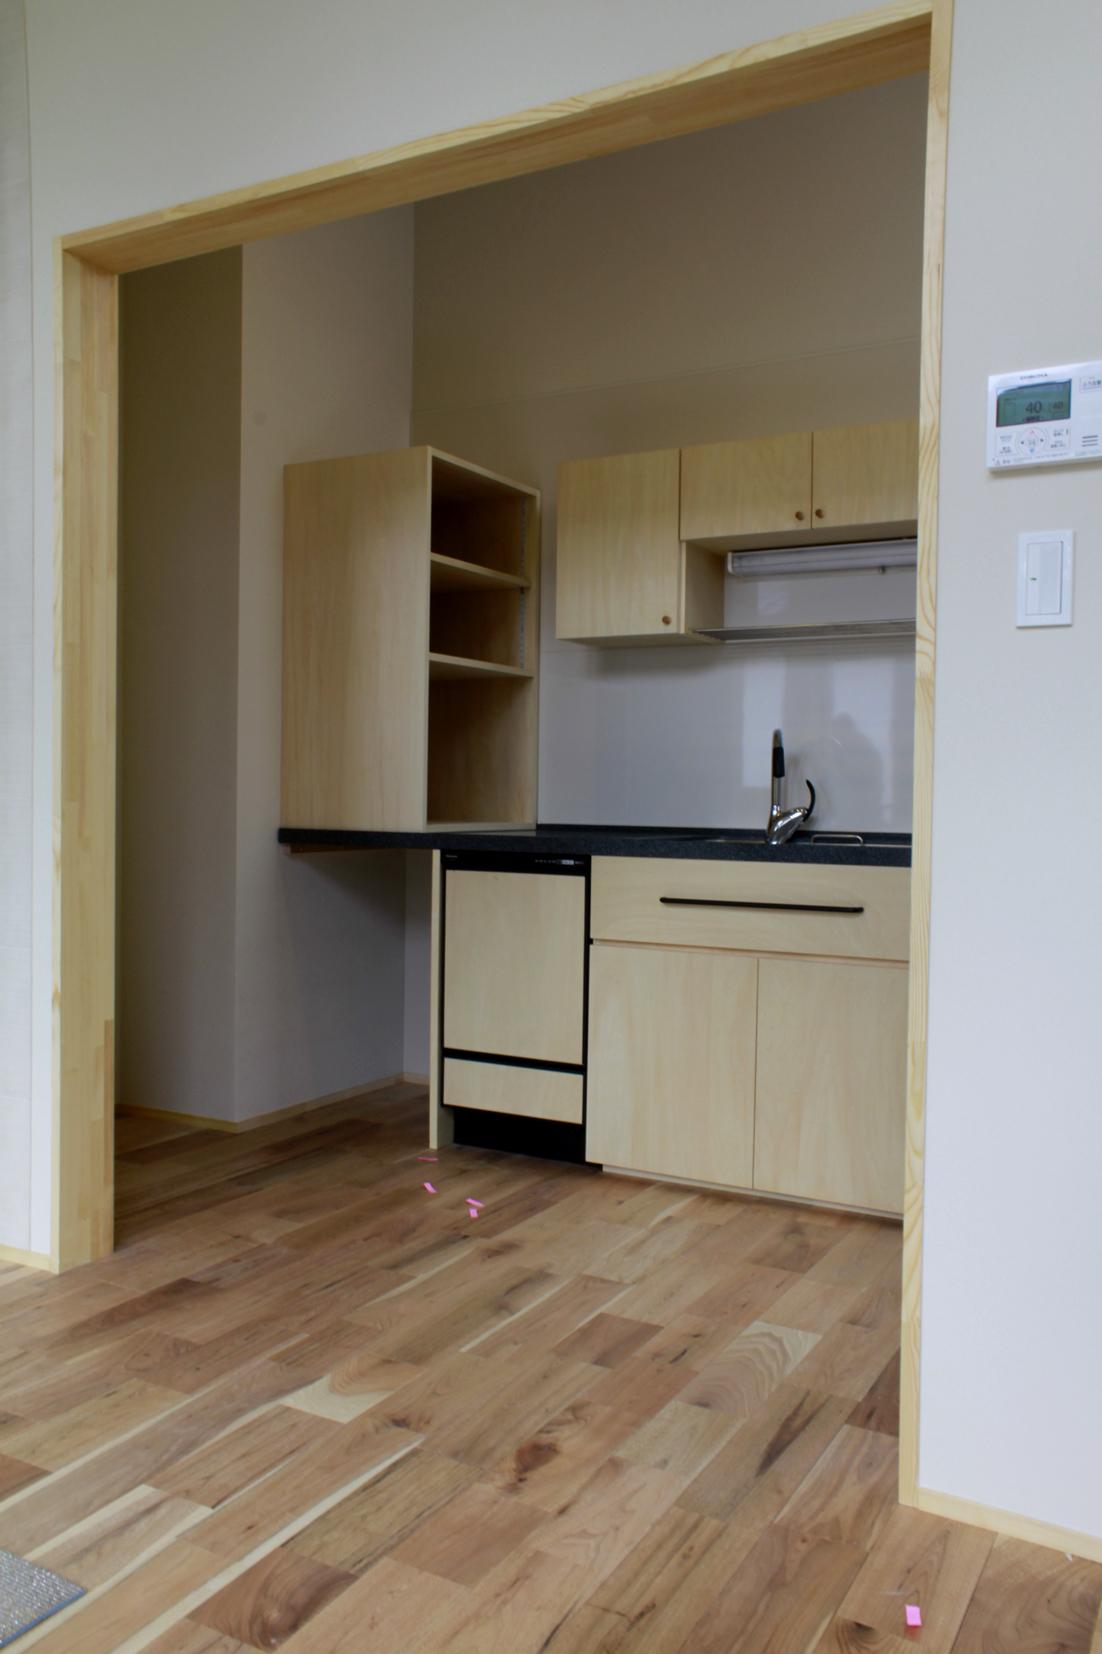 オーダーキッチン | システムキッチン | 山形・仙台を中心にオリジナル家具・オーダー家具、インテリアのデザイン・製作・納品をおこなっています。おしゃれ。